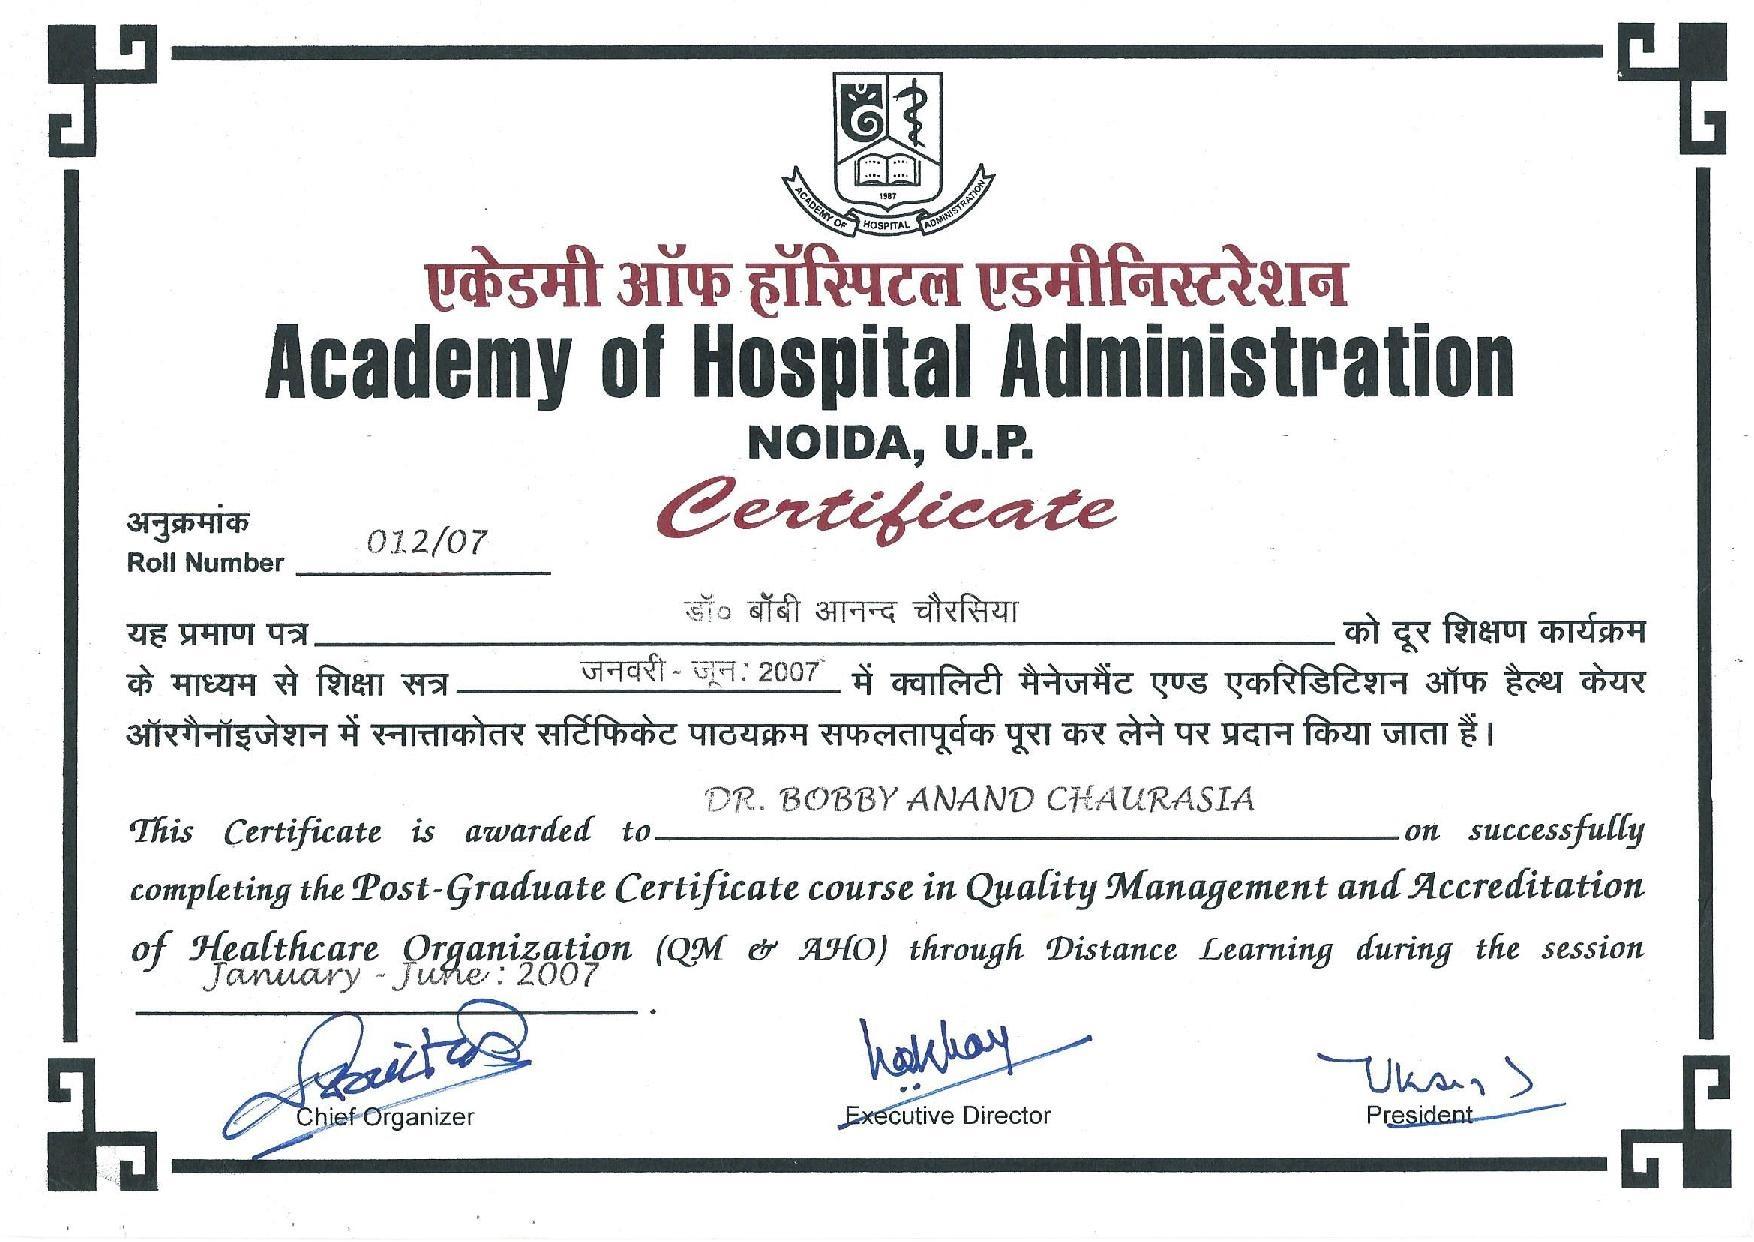 Bobby anand chaurasia bayt training institute academy of hospital administration india delhi xflitez Choice Image